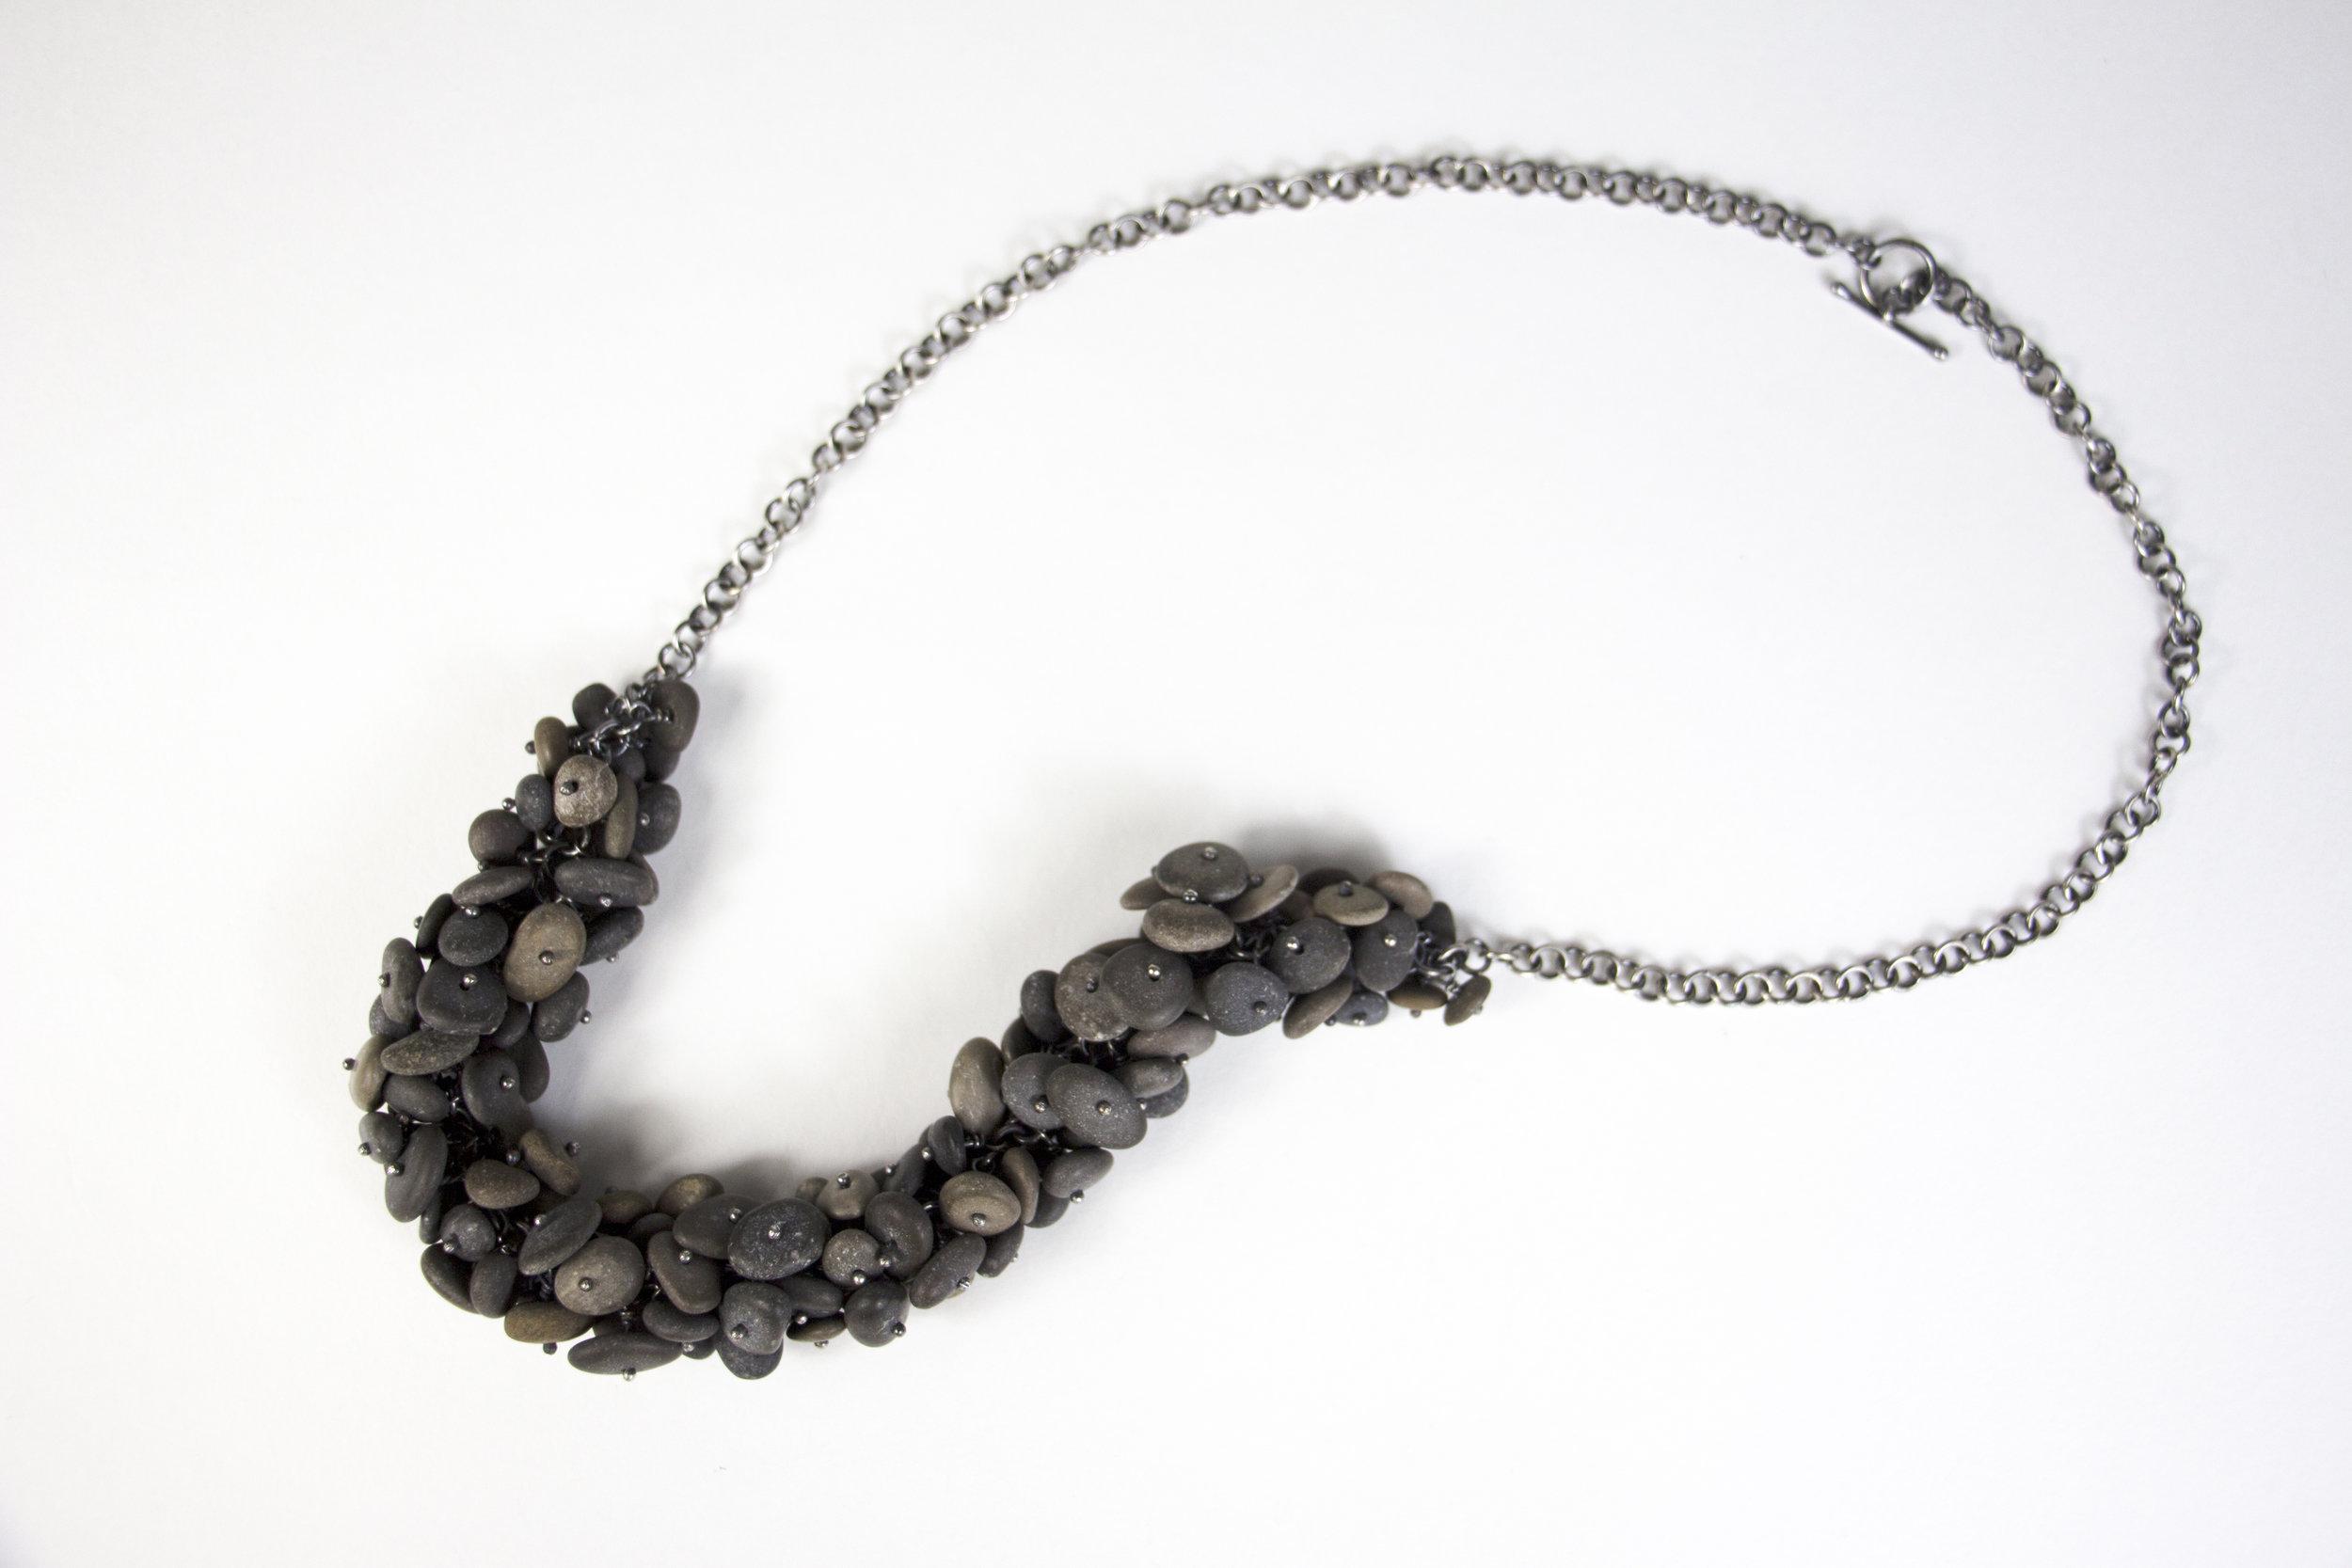 Pebble Necklace-1 copy 2.jpg